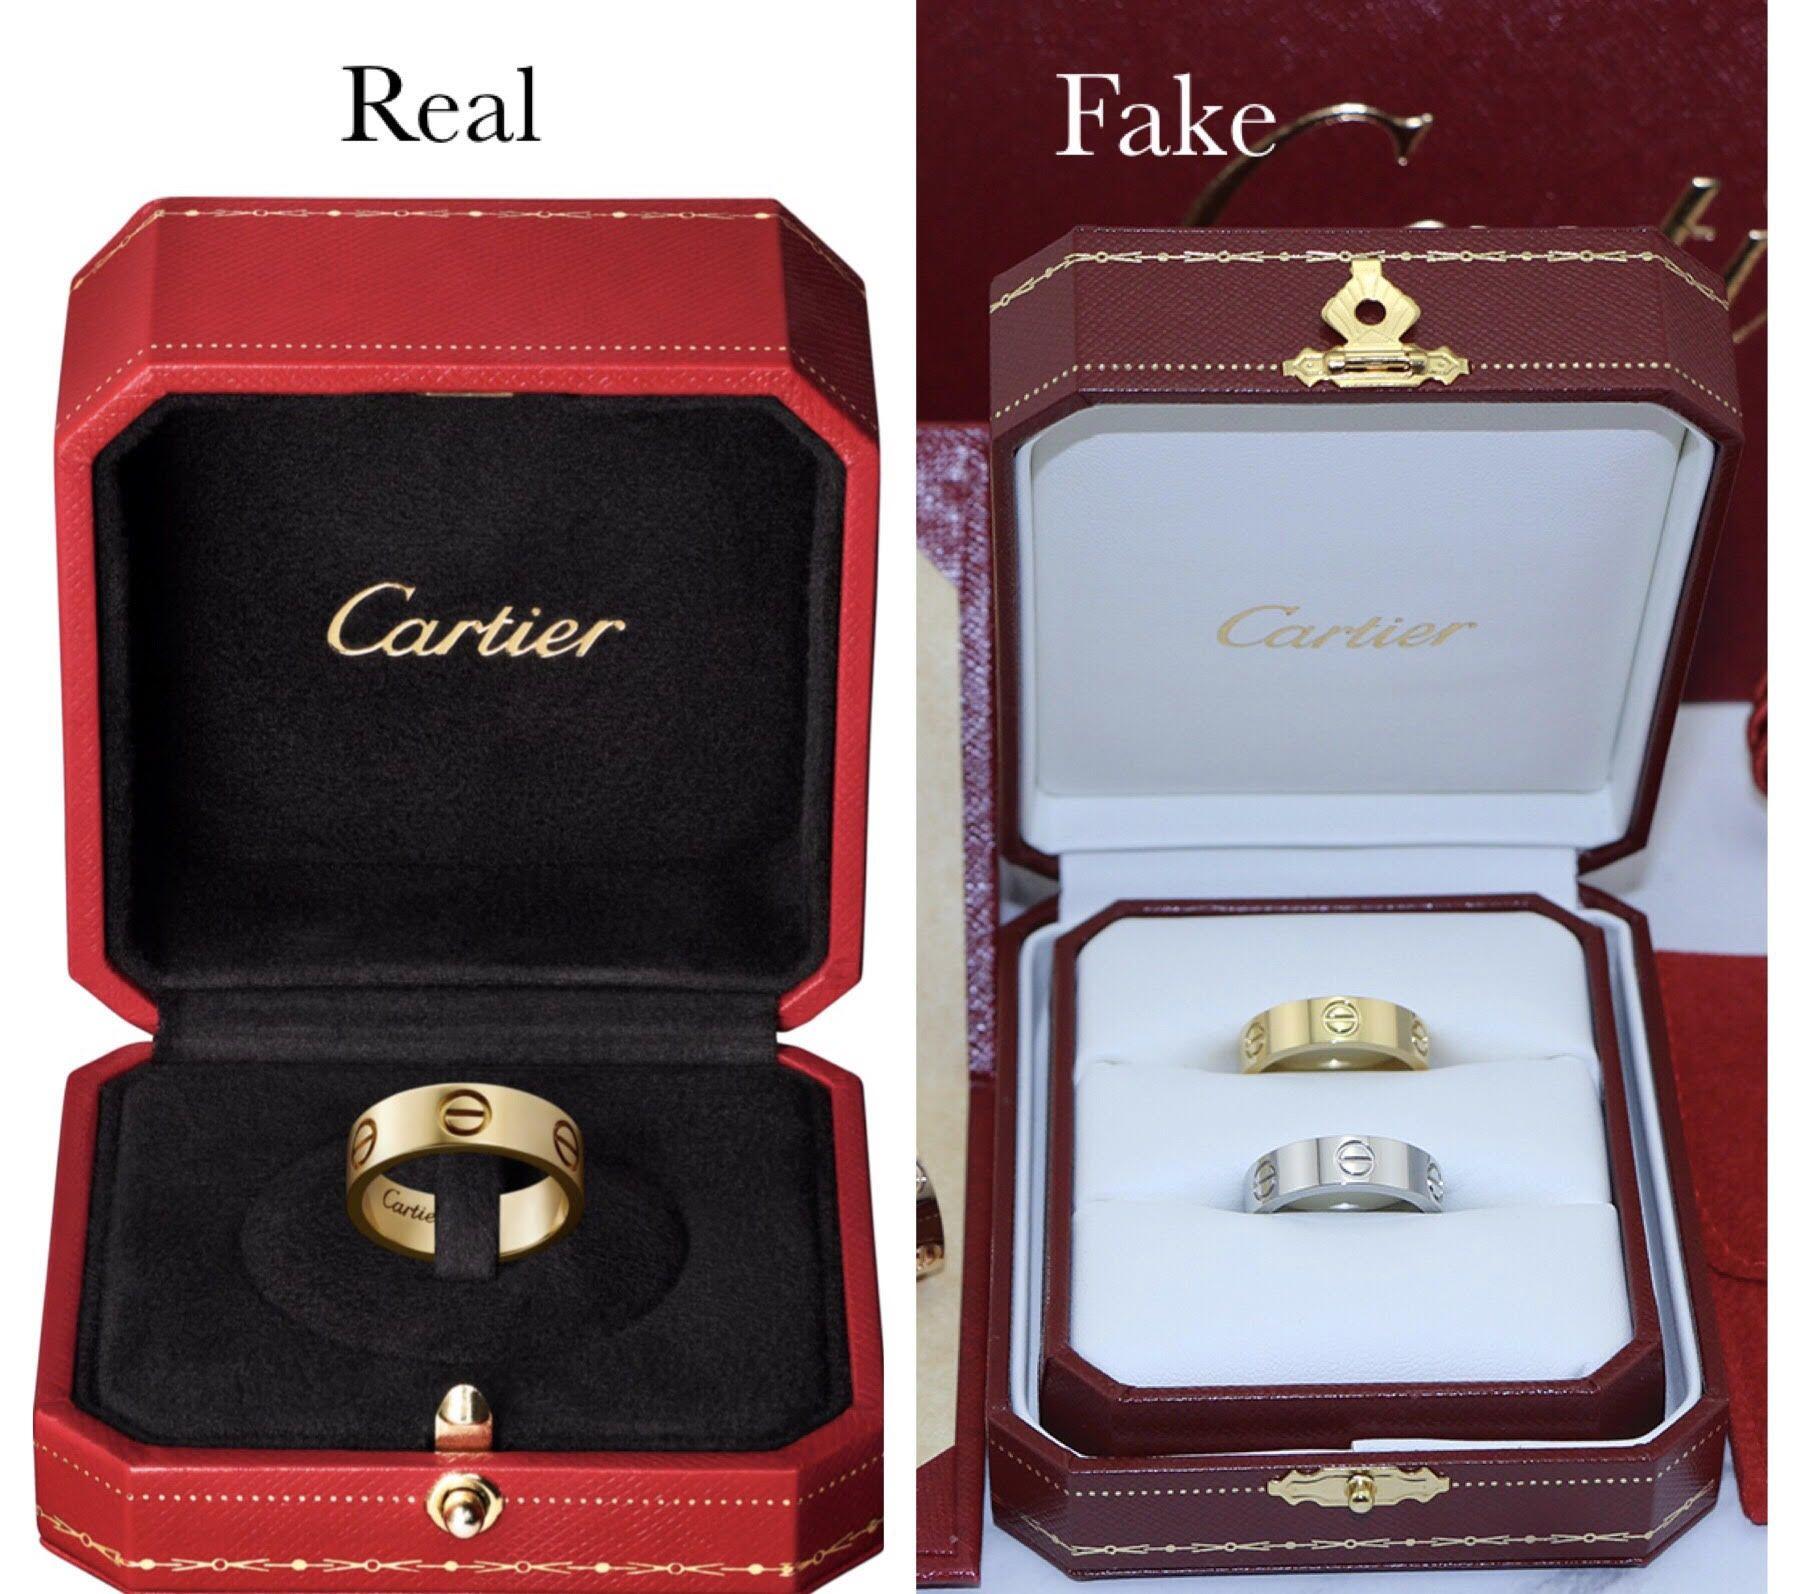 اساور كارتير رائعه وجميلة لكل الجنسين الرجالي والنسائي ونضع لكم اليوم اسعار الاساور من ماركات عالمية وكبير Bracelet Designs Cartier Jewelry Stackable Bangles